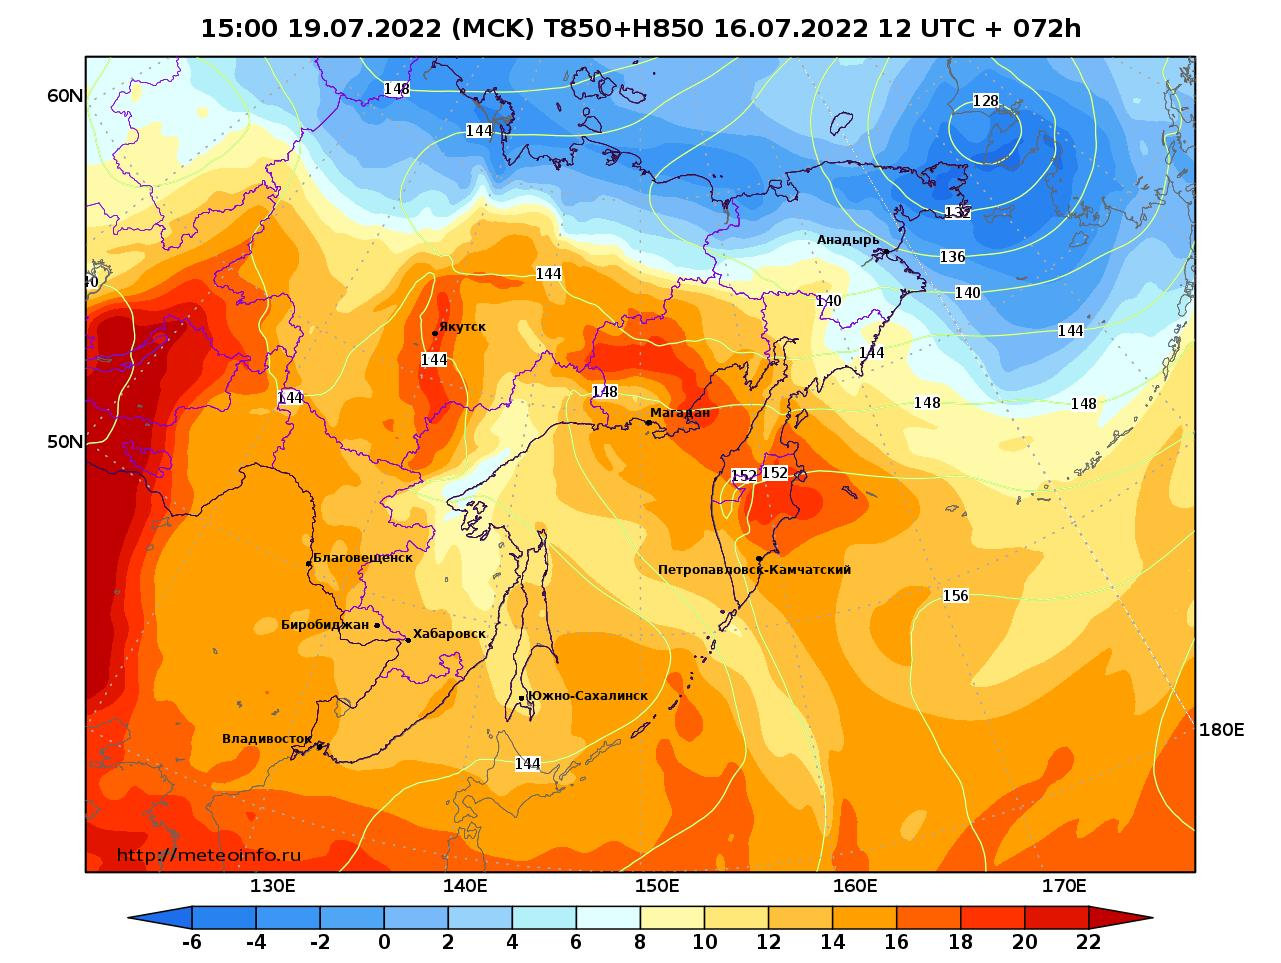 Дальний Восток, прогностическая карта температура T850 и геопотенциал H850, заблаговременность прогноза 72 часа